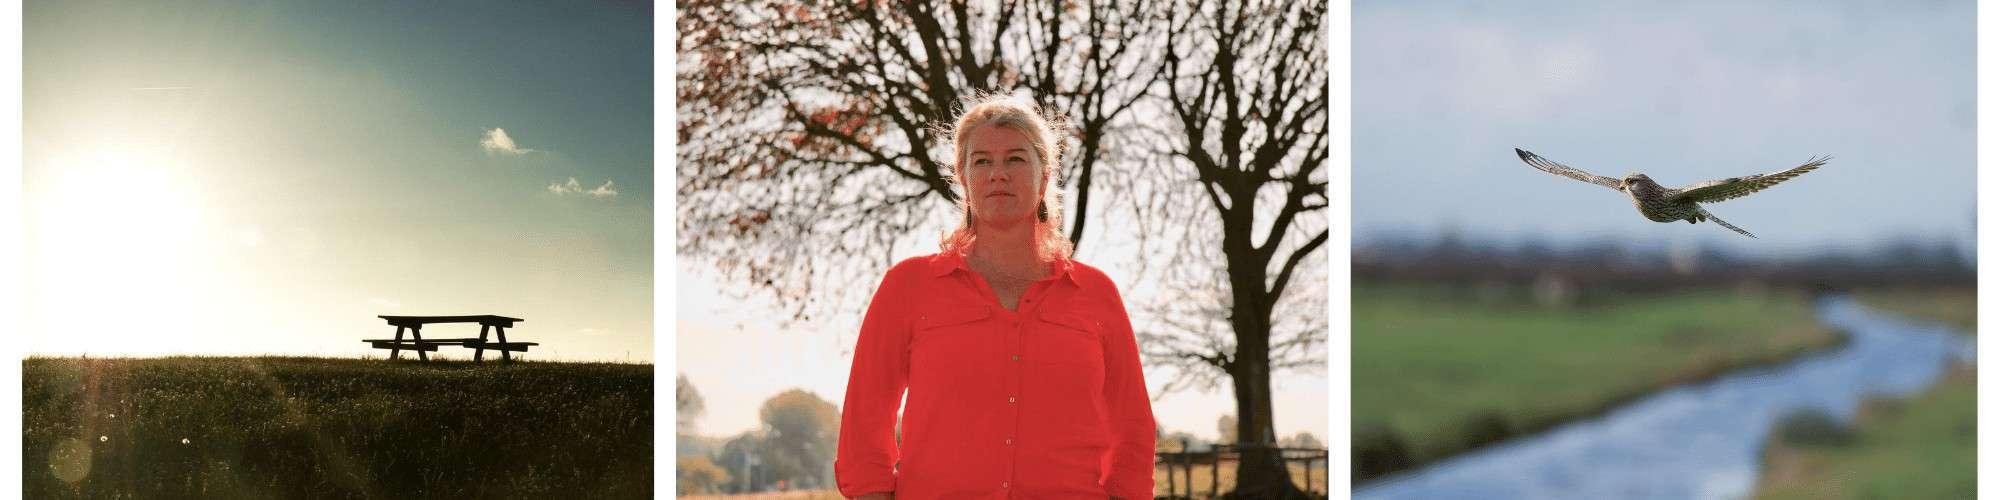 Authentiek leven - retraite Arine van Rijn